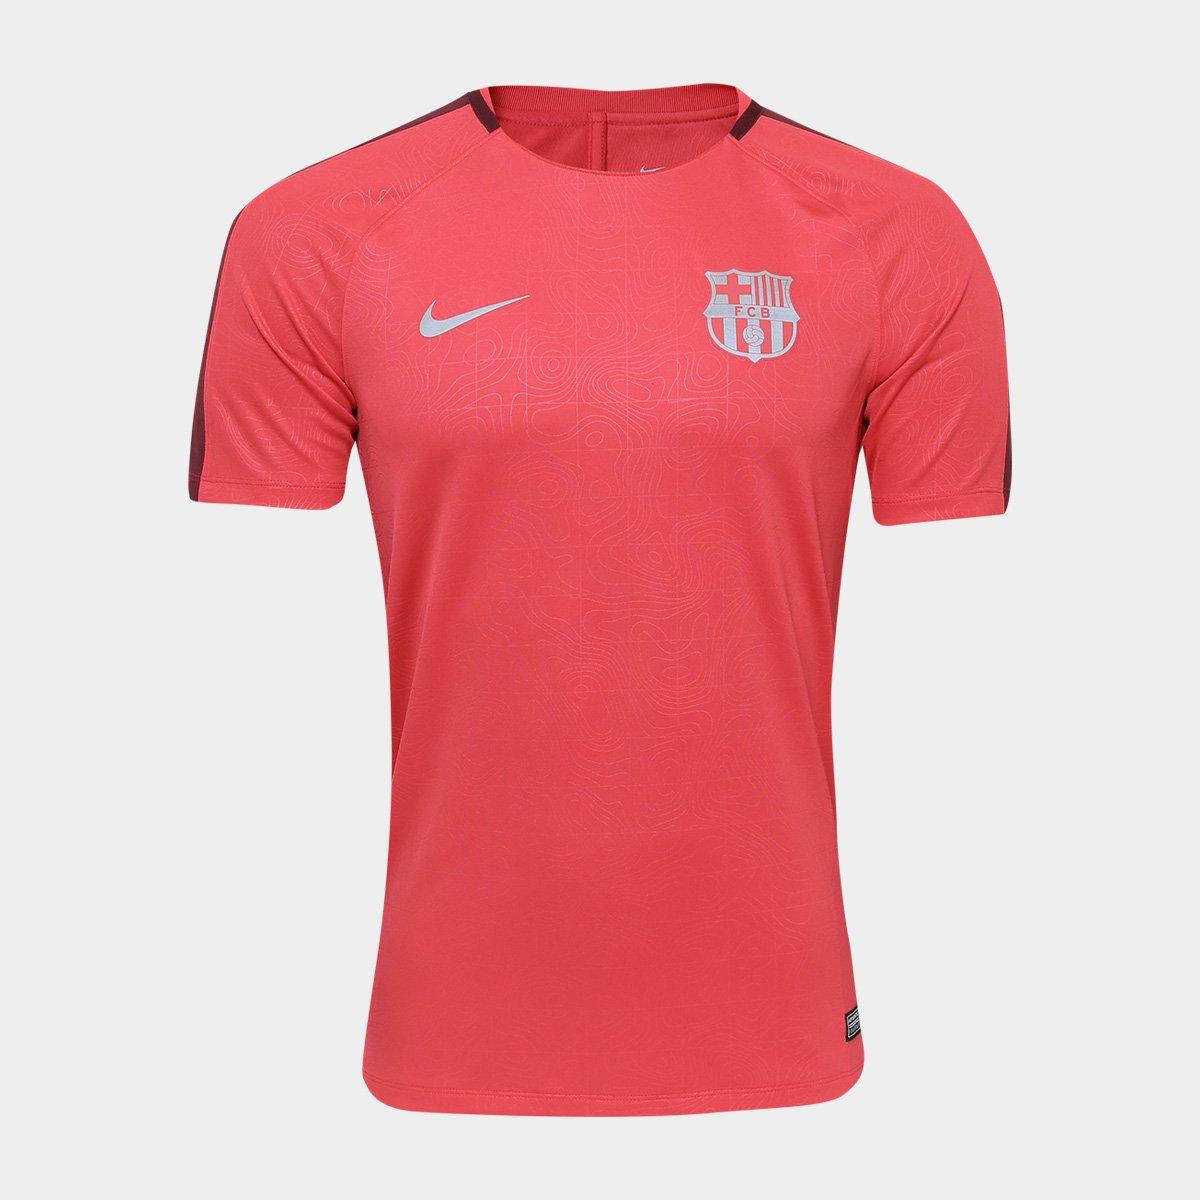 d2dad11e78 Camiseta Barcelona Squad Top SS Nike Masculina - Vermelho - Compre ...